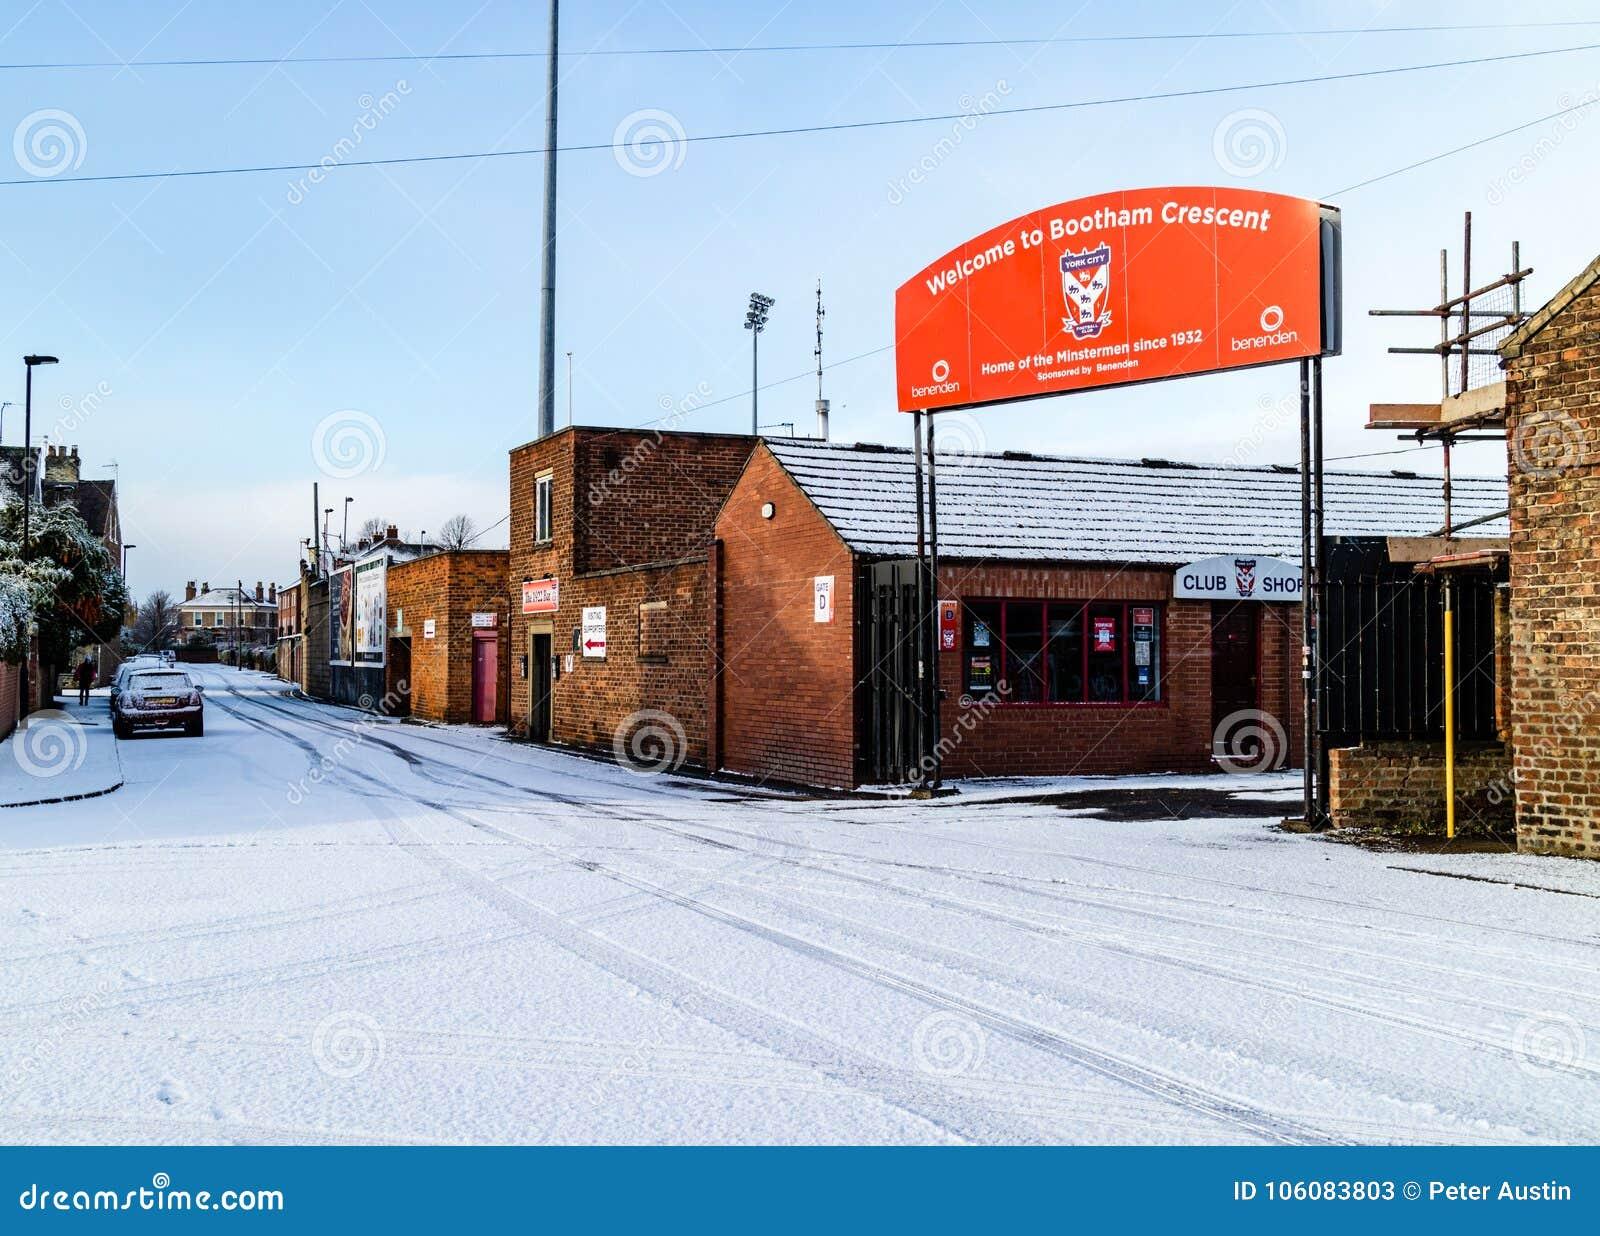 Snow In Winter Around Bootham Crescent Football Ground